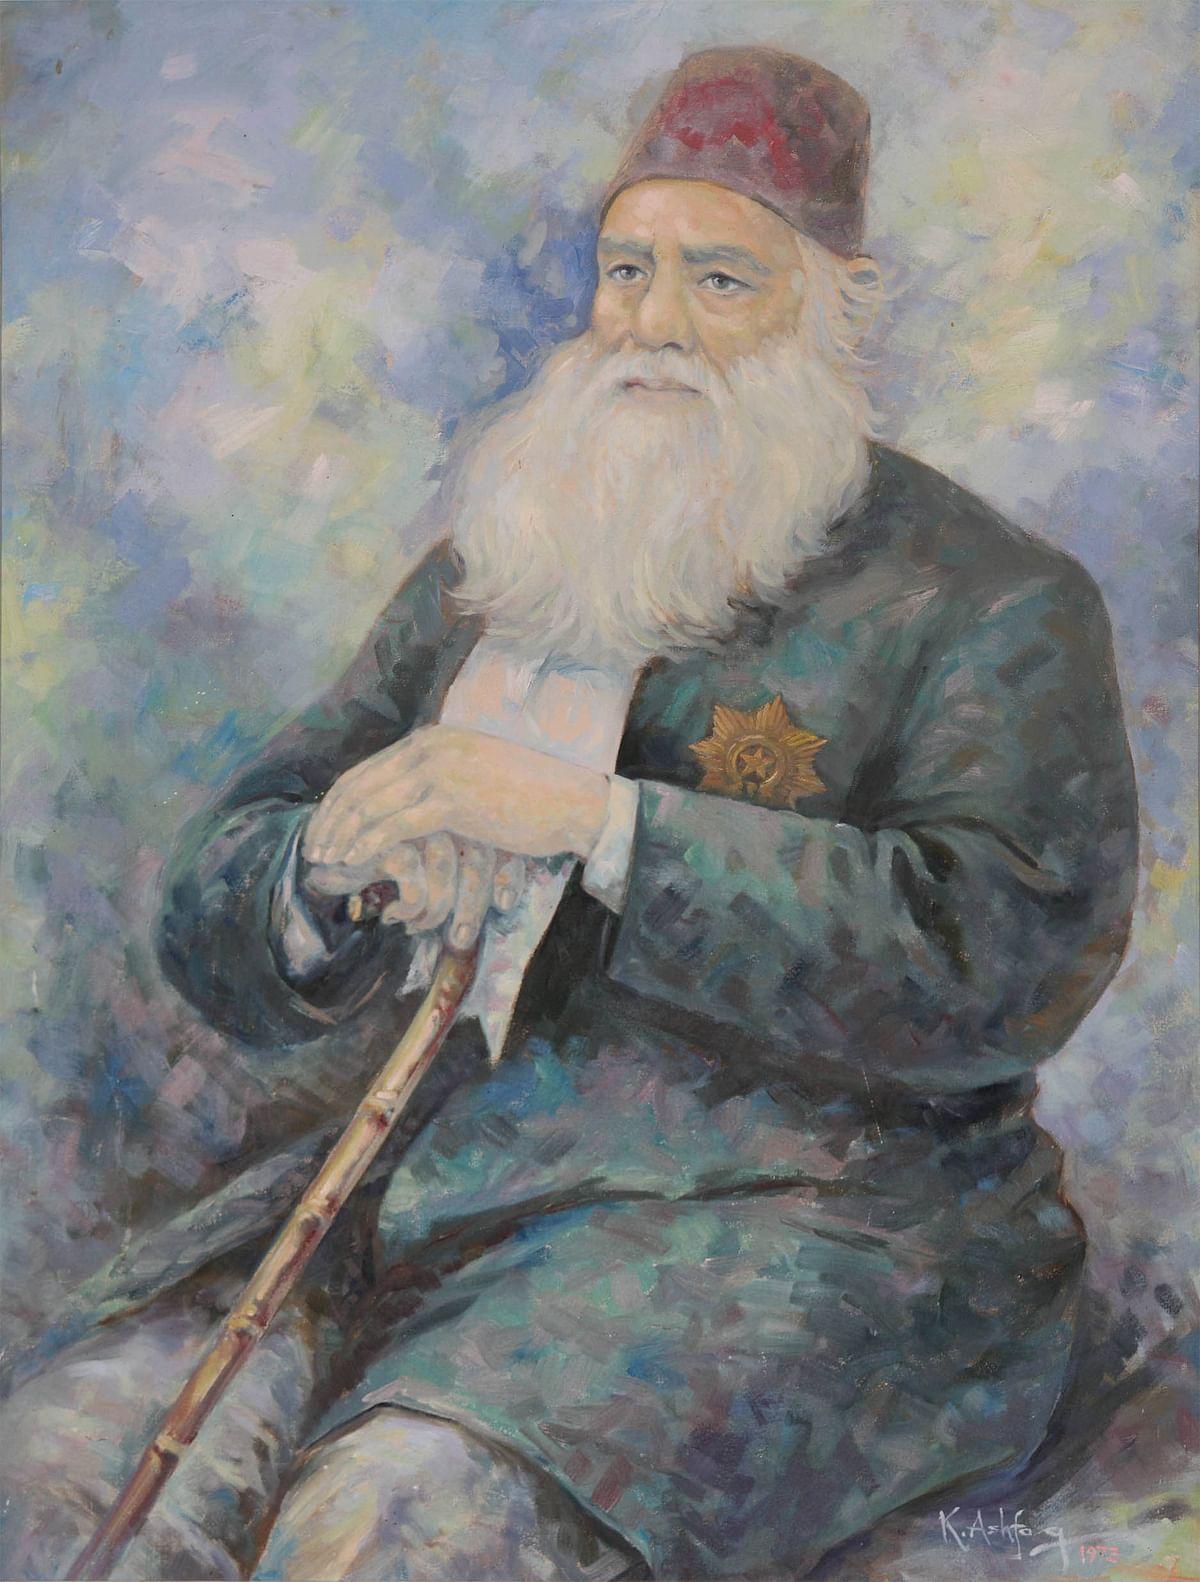 سر سید احمد خاں کی زندگی کے چند نمایاں پہلو